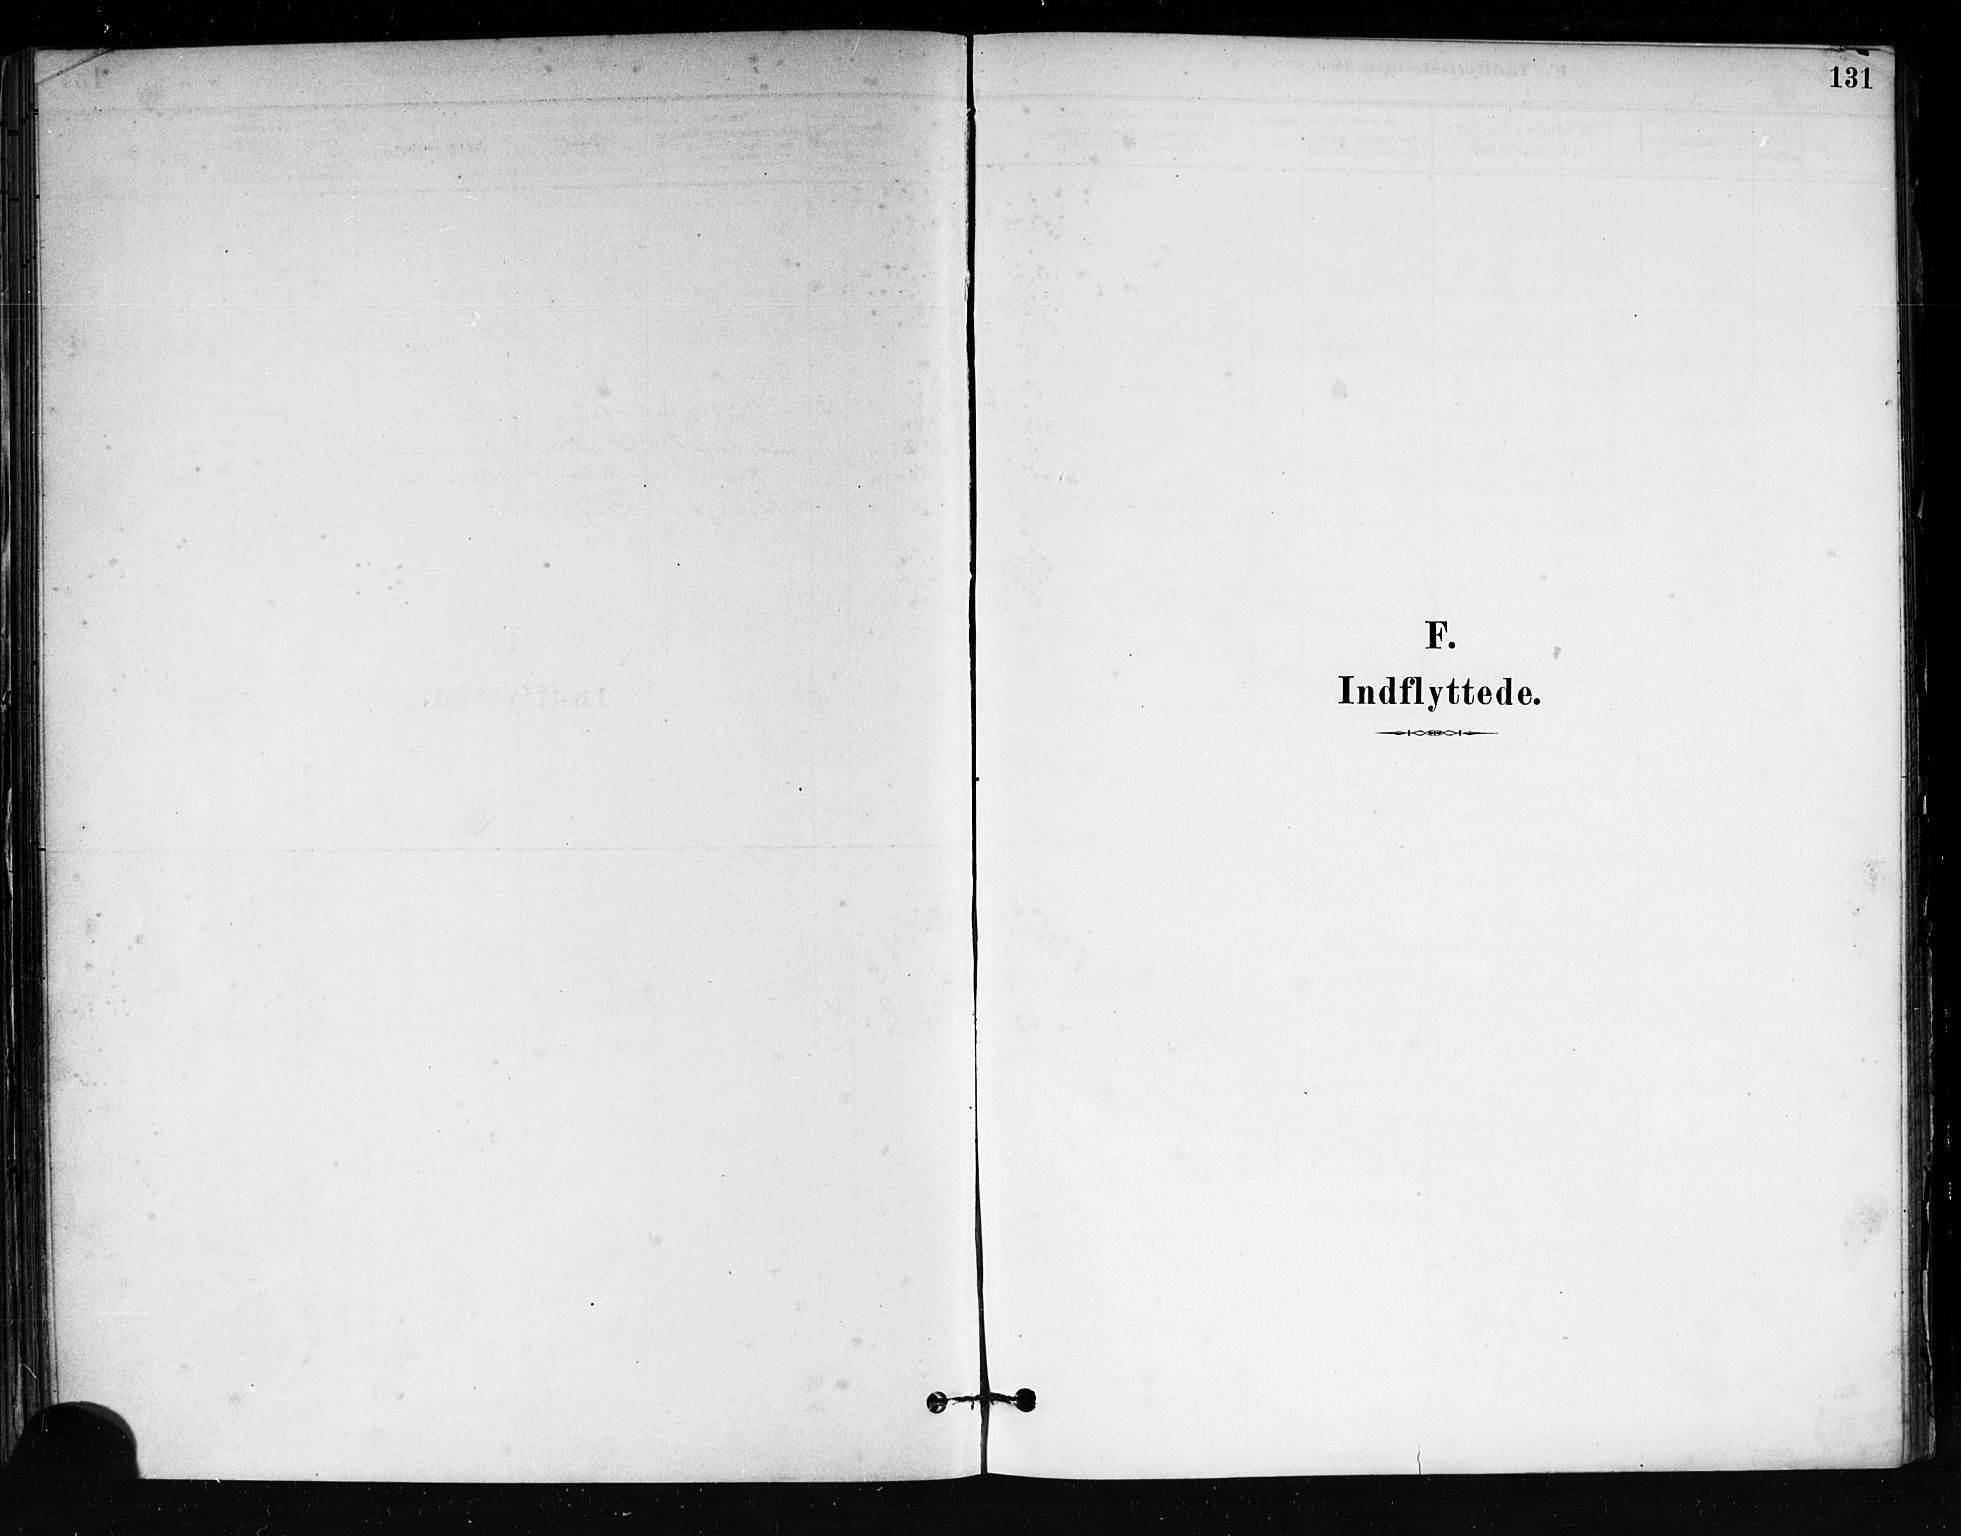 SAKO, Tjøme kirkebøker, F/Fa/L0001: Ministerialbok nr. 1, 1879-1890, s. 131